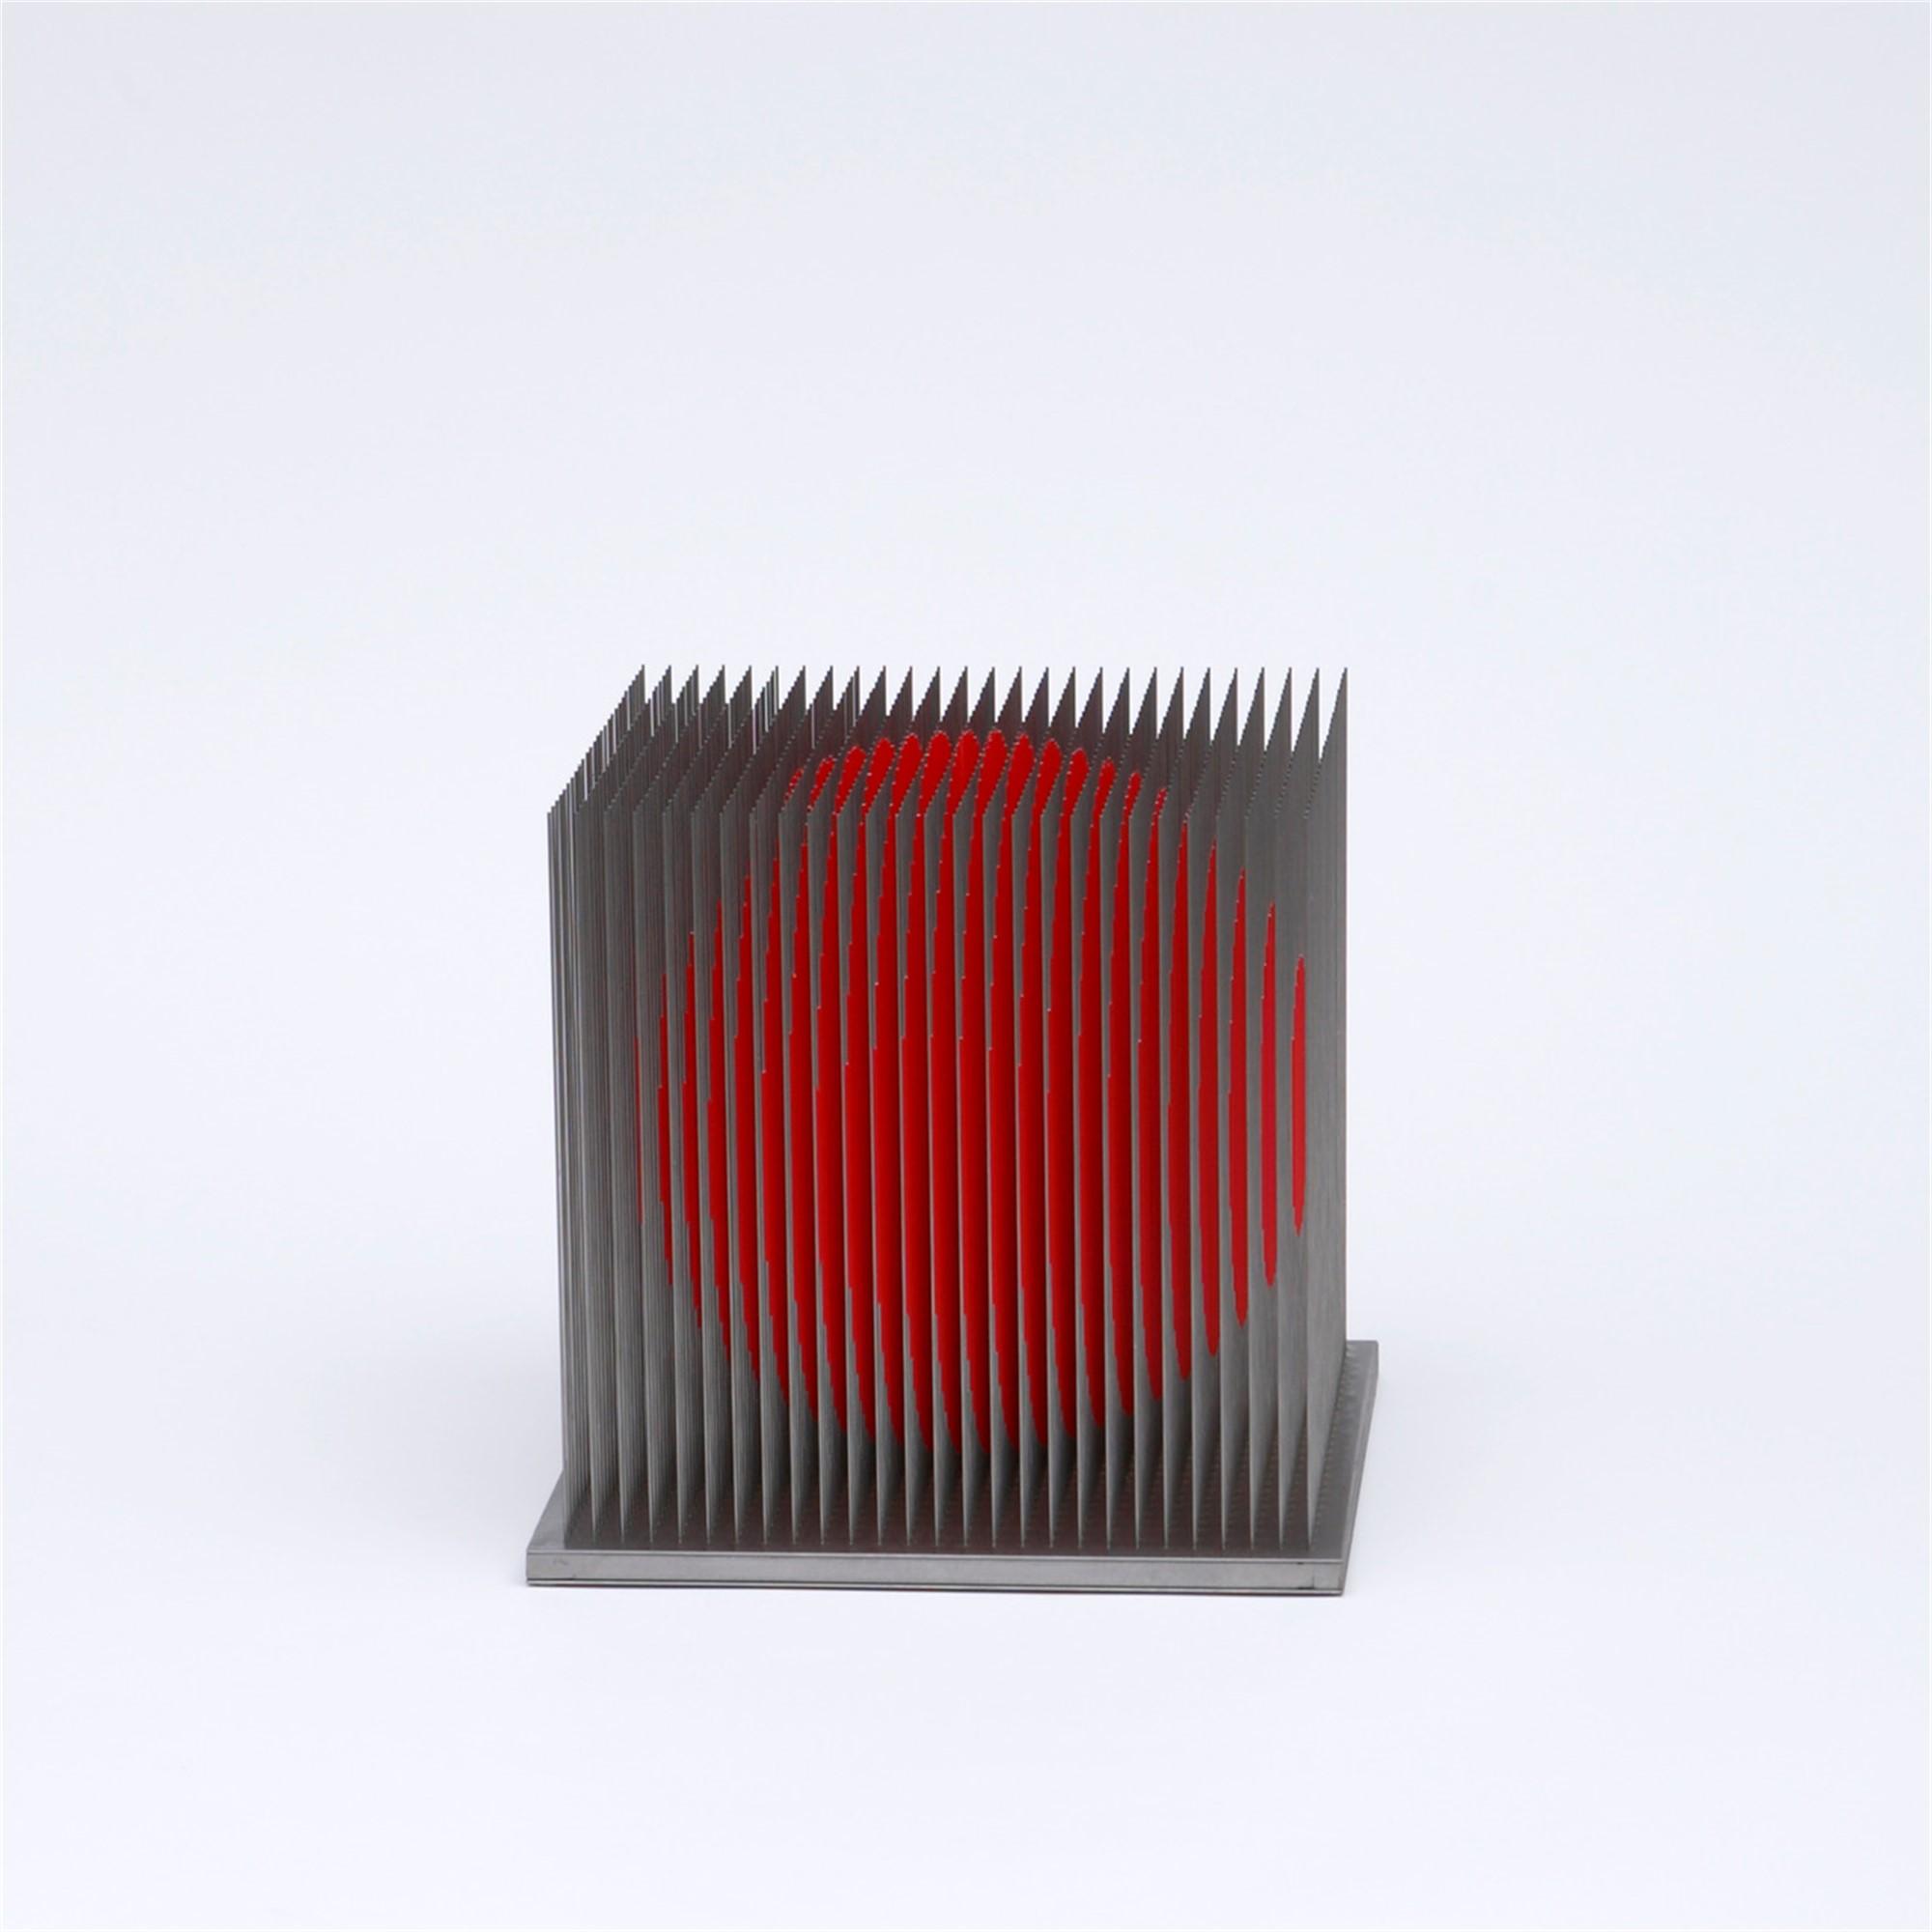 Kugel Red by Yoshiyuki Miura